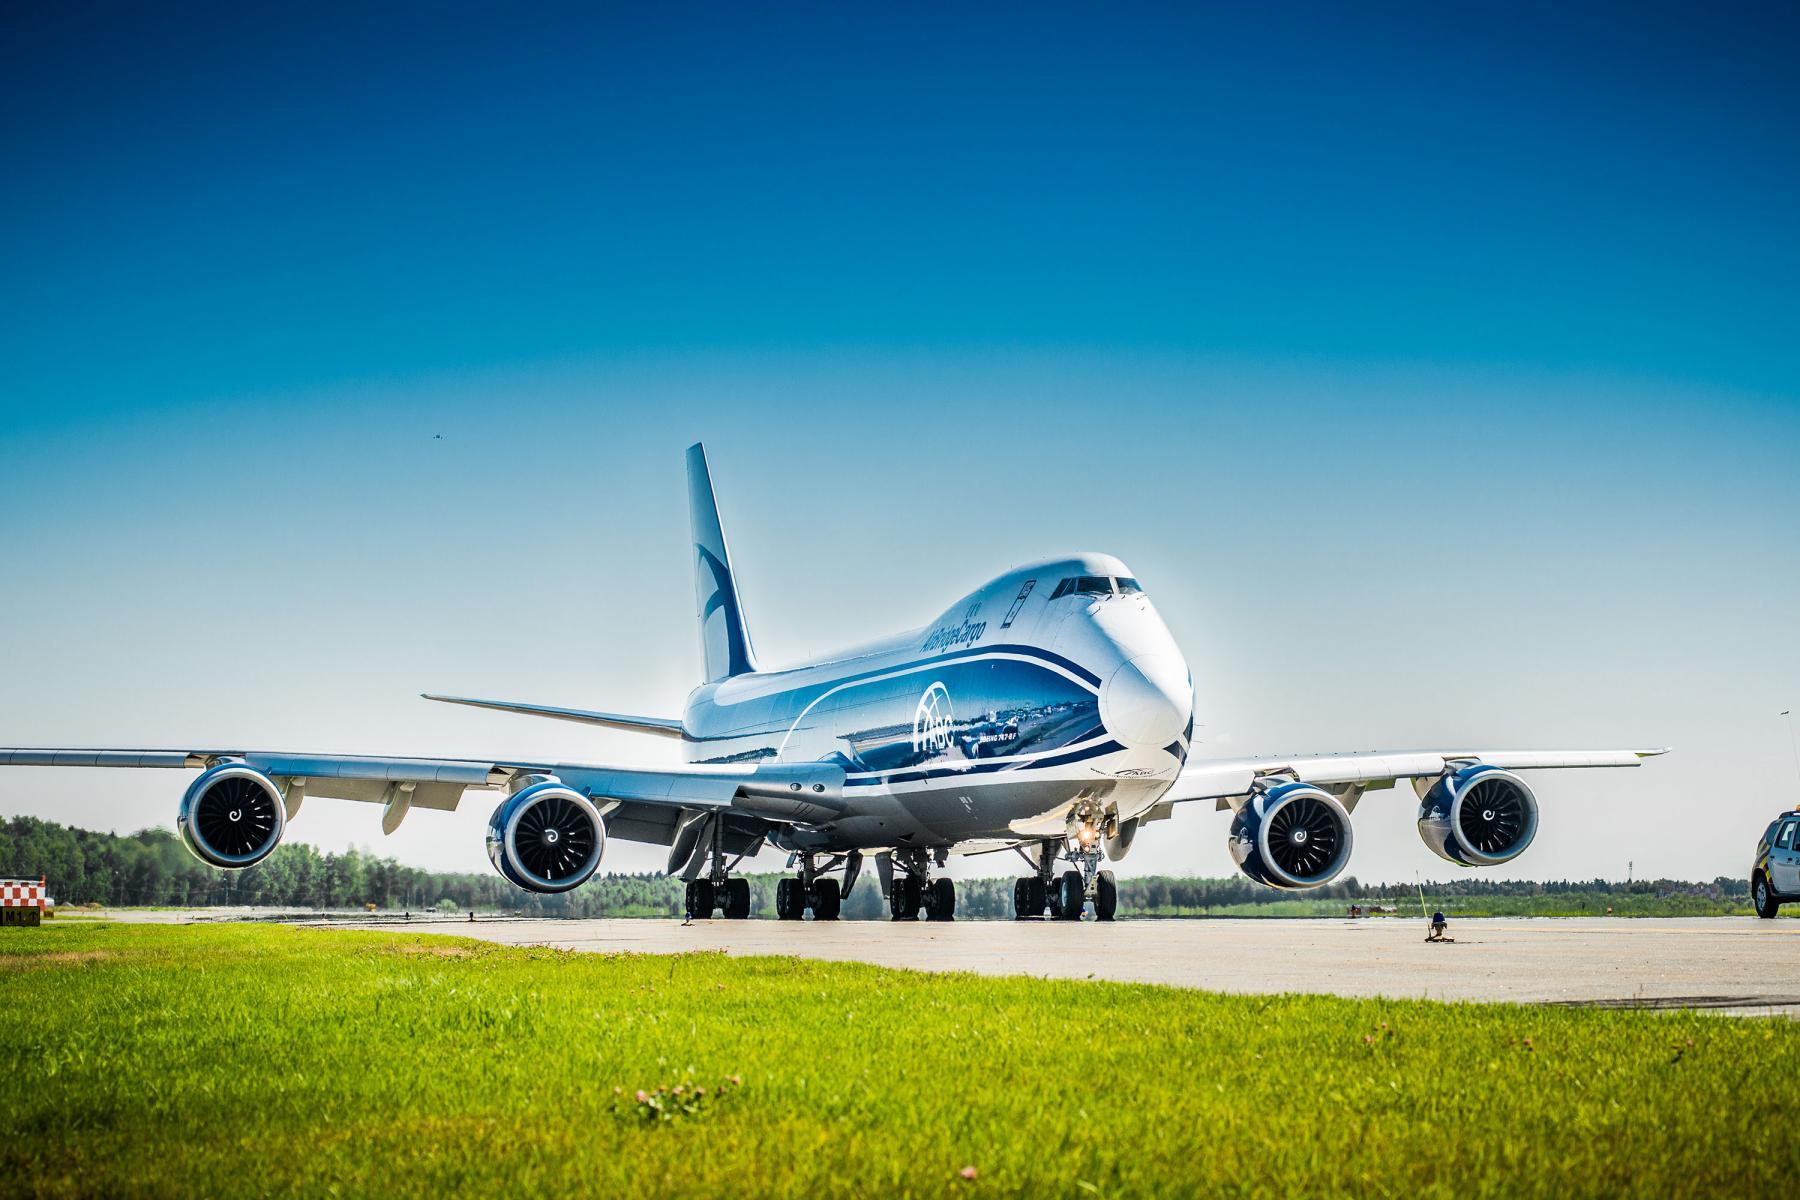 airbridgecargo airlines boeing 747